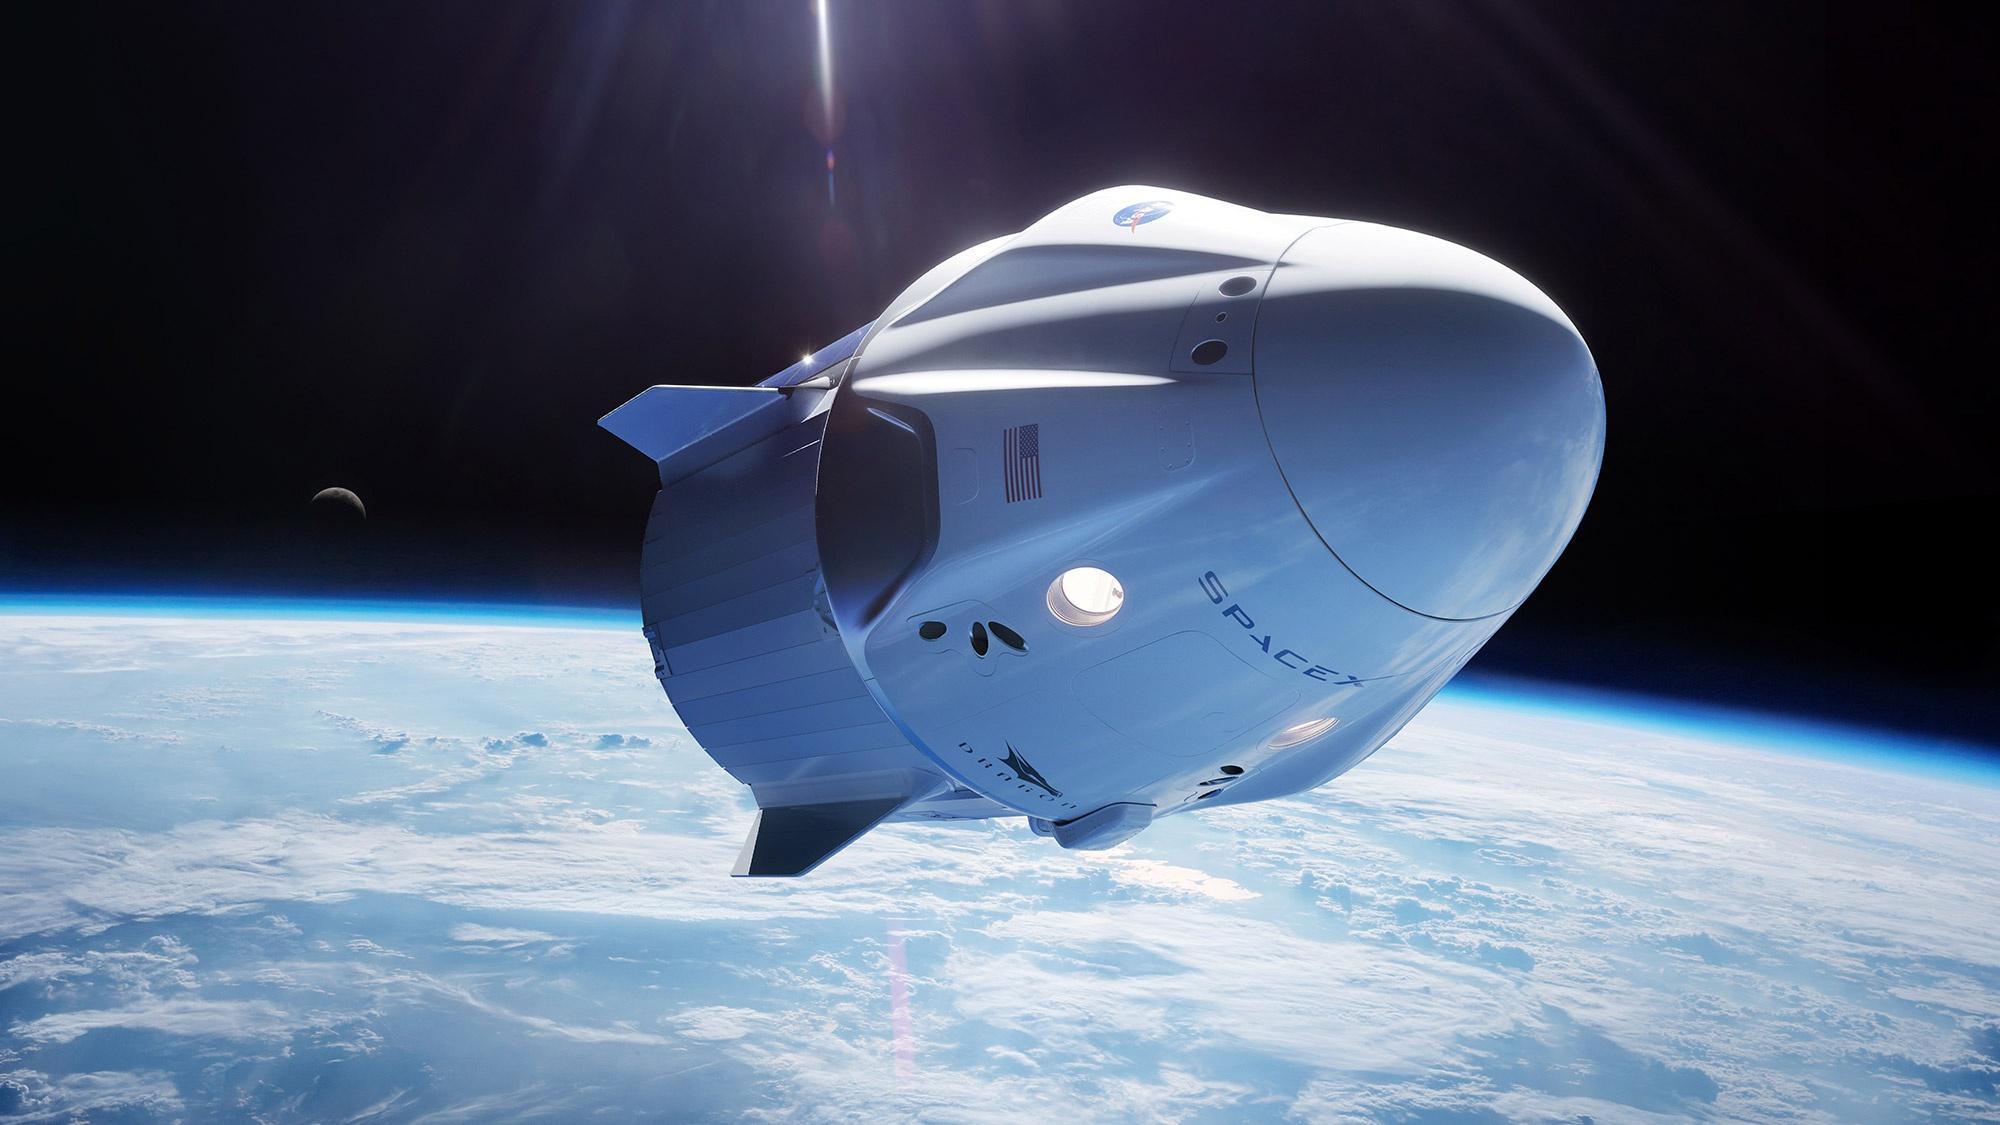 龙飞船 SpaceX官网 图